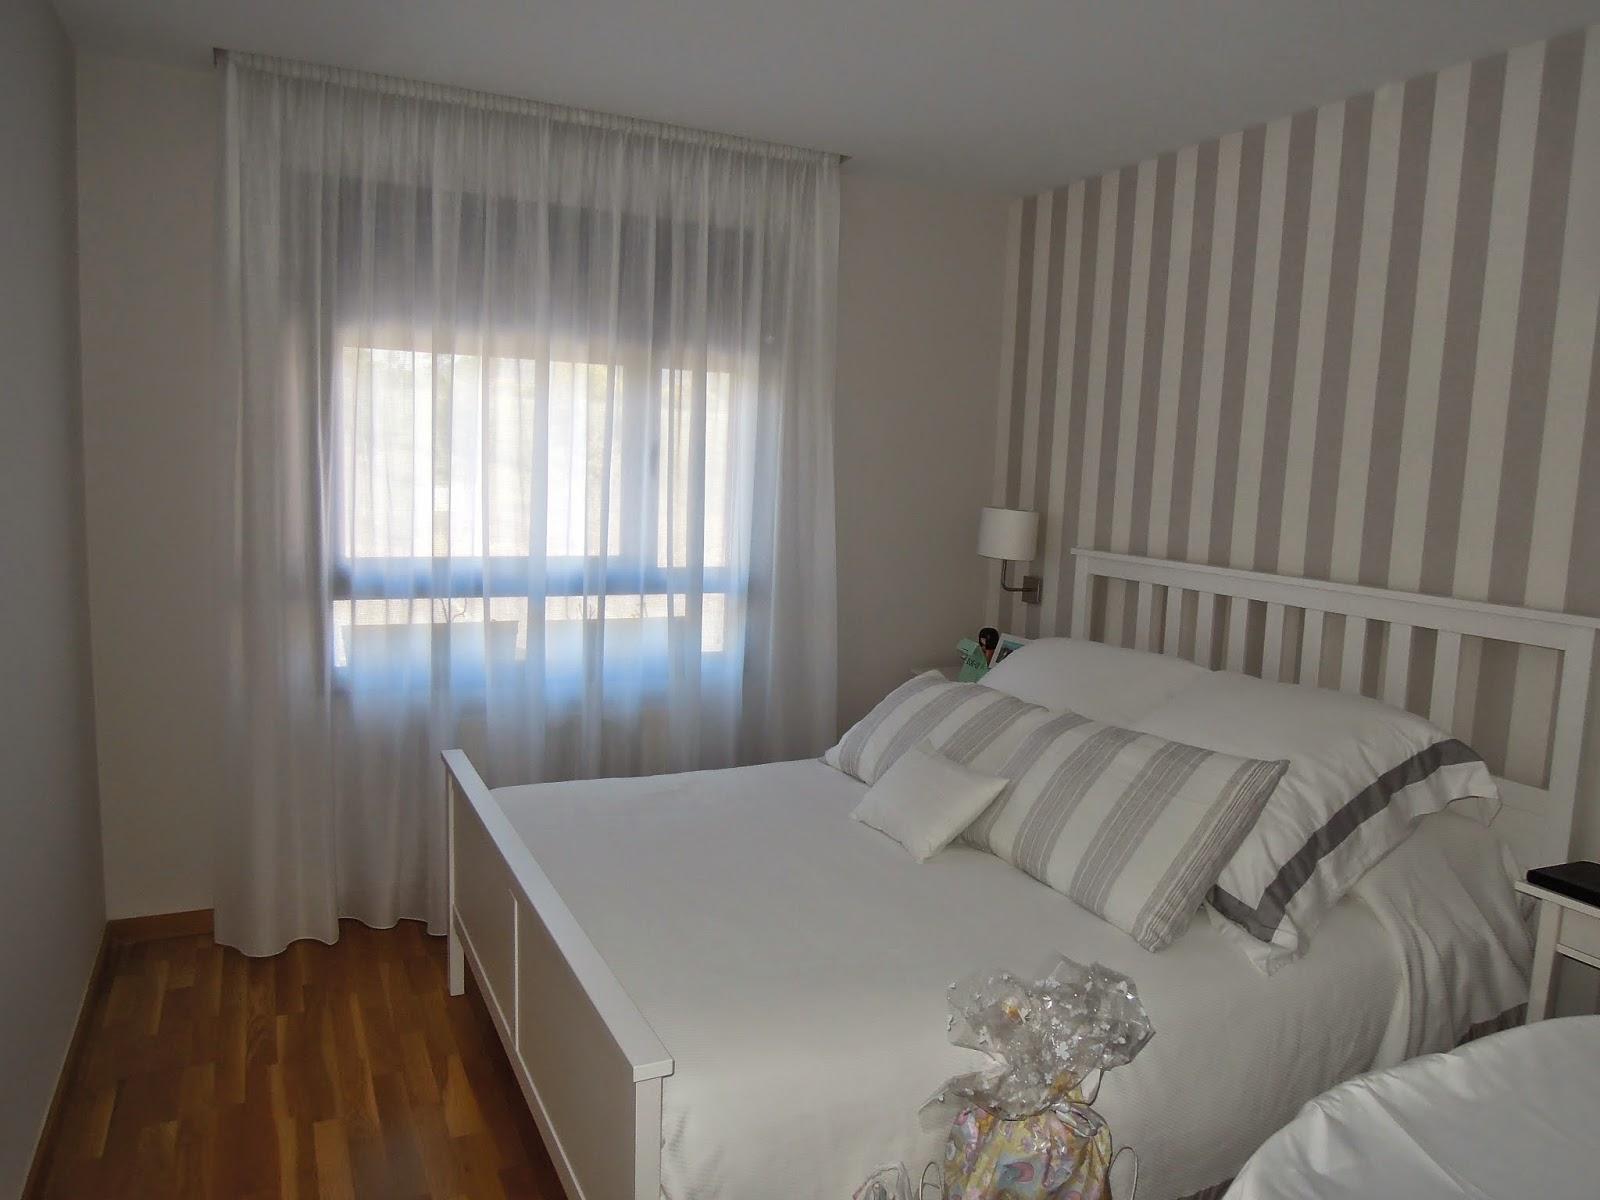 Fotos de cortinas dormitorio principal - Cortinas dormitorio principal ...